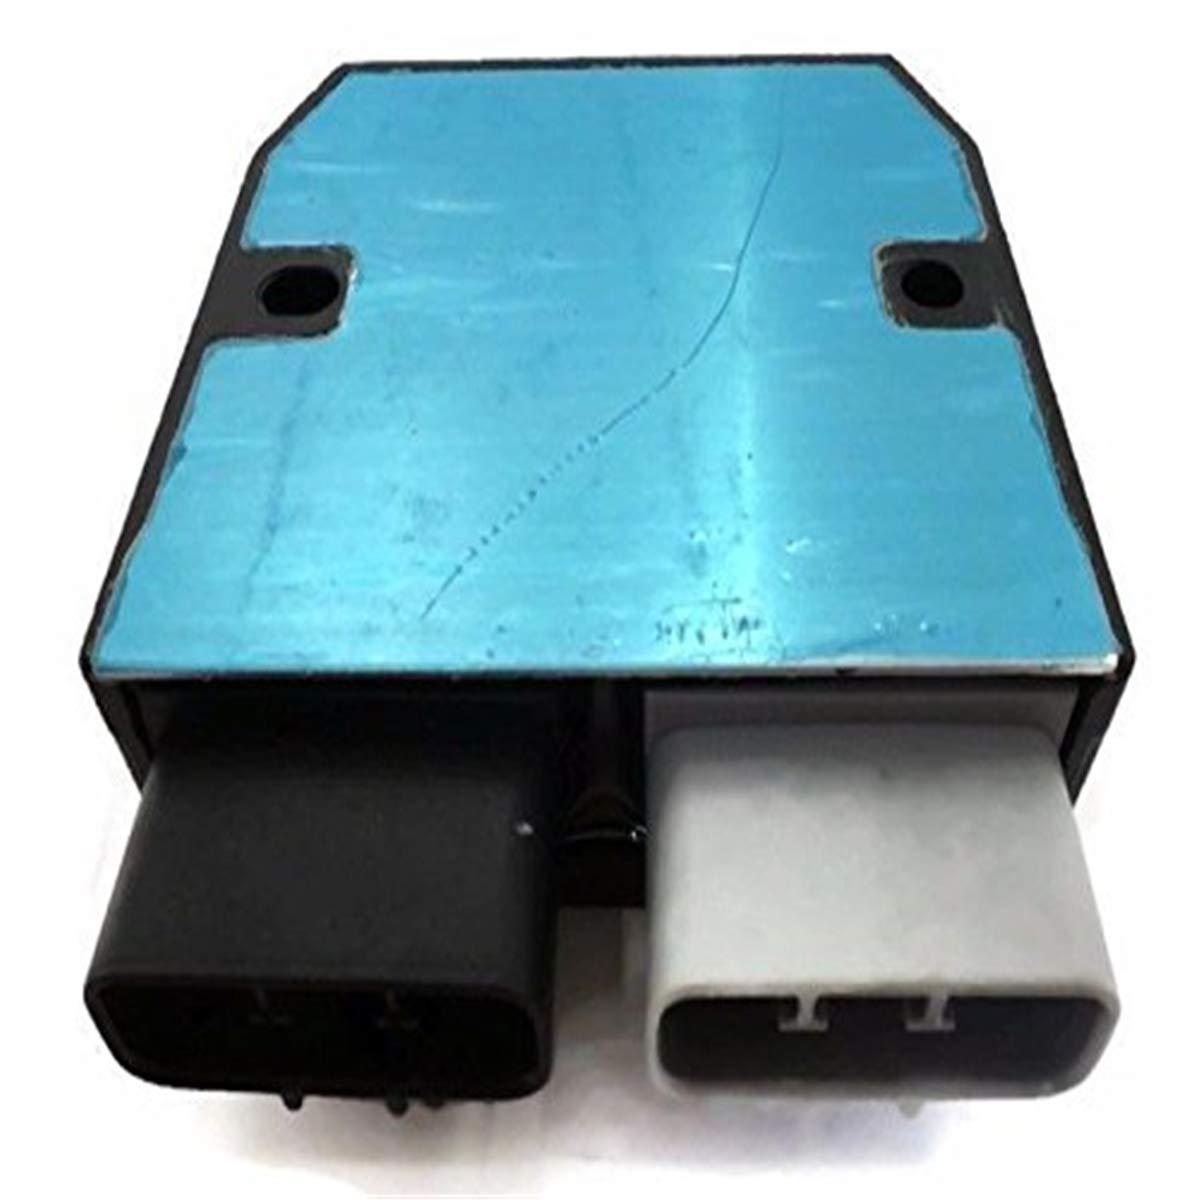 Ranger 570 2014-2015 UTV ATV 4012941 Voltage Regulator Rectifier Fits for Polaris Ranger 800 2011-2014